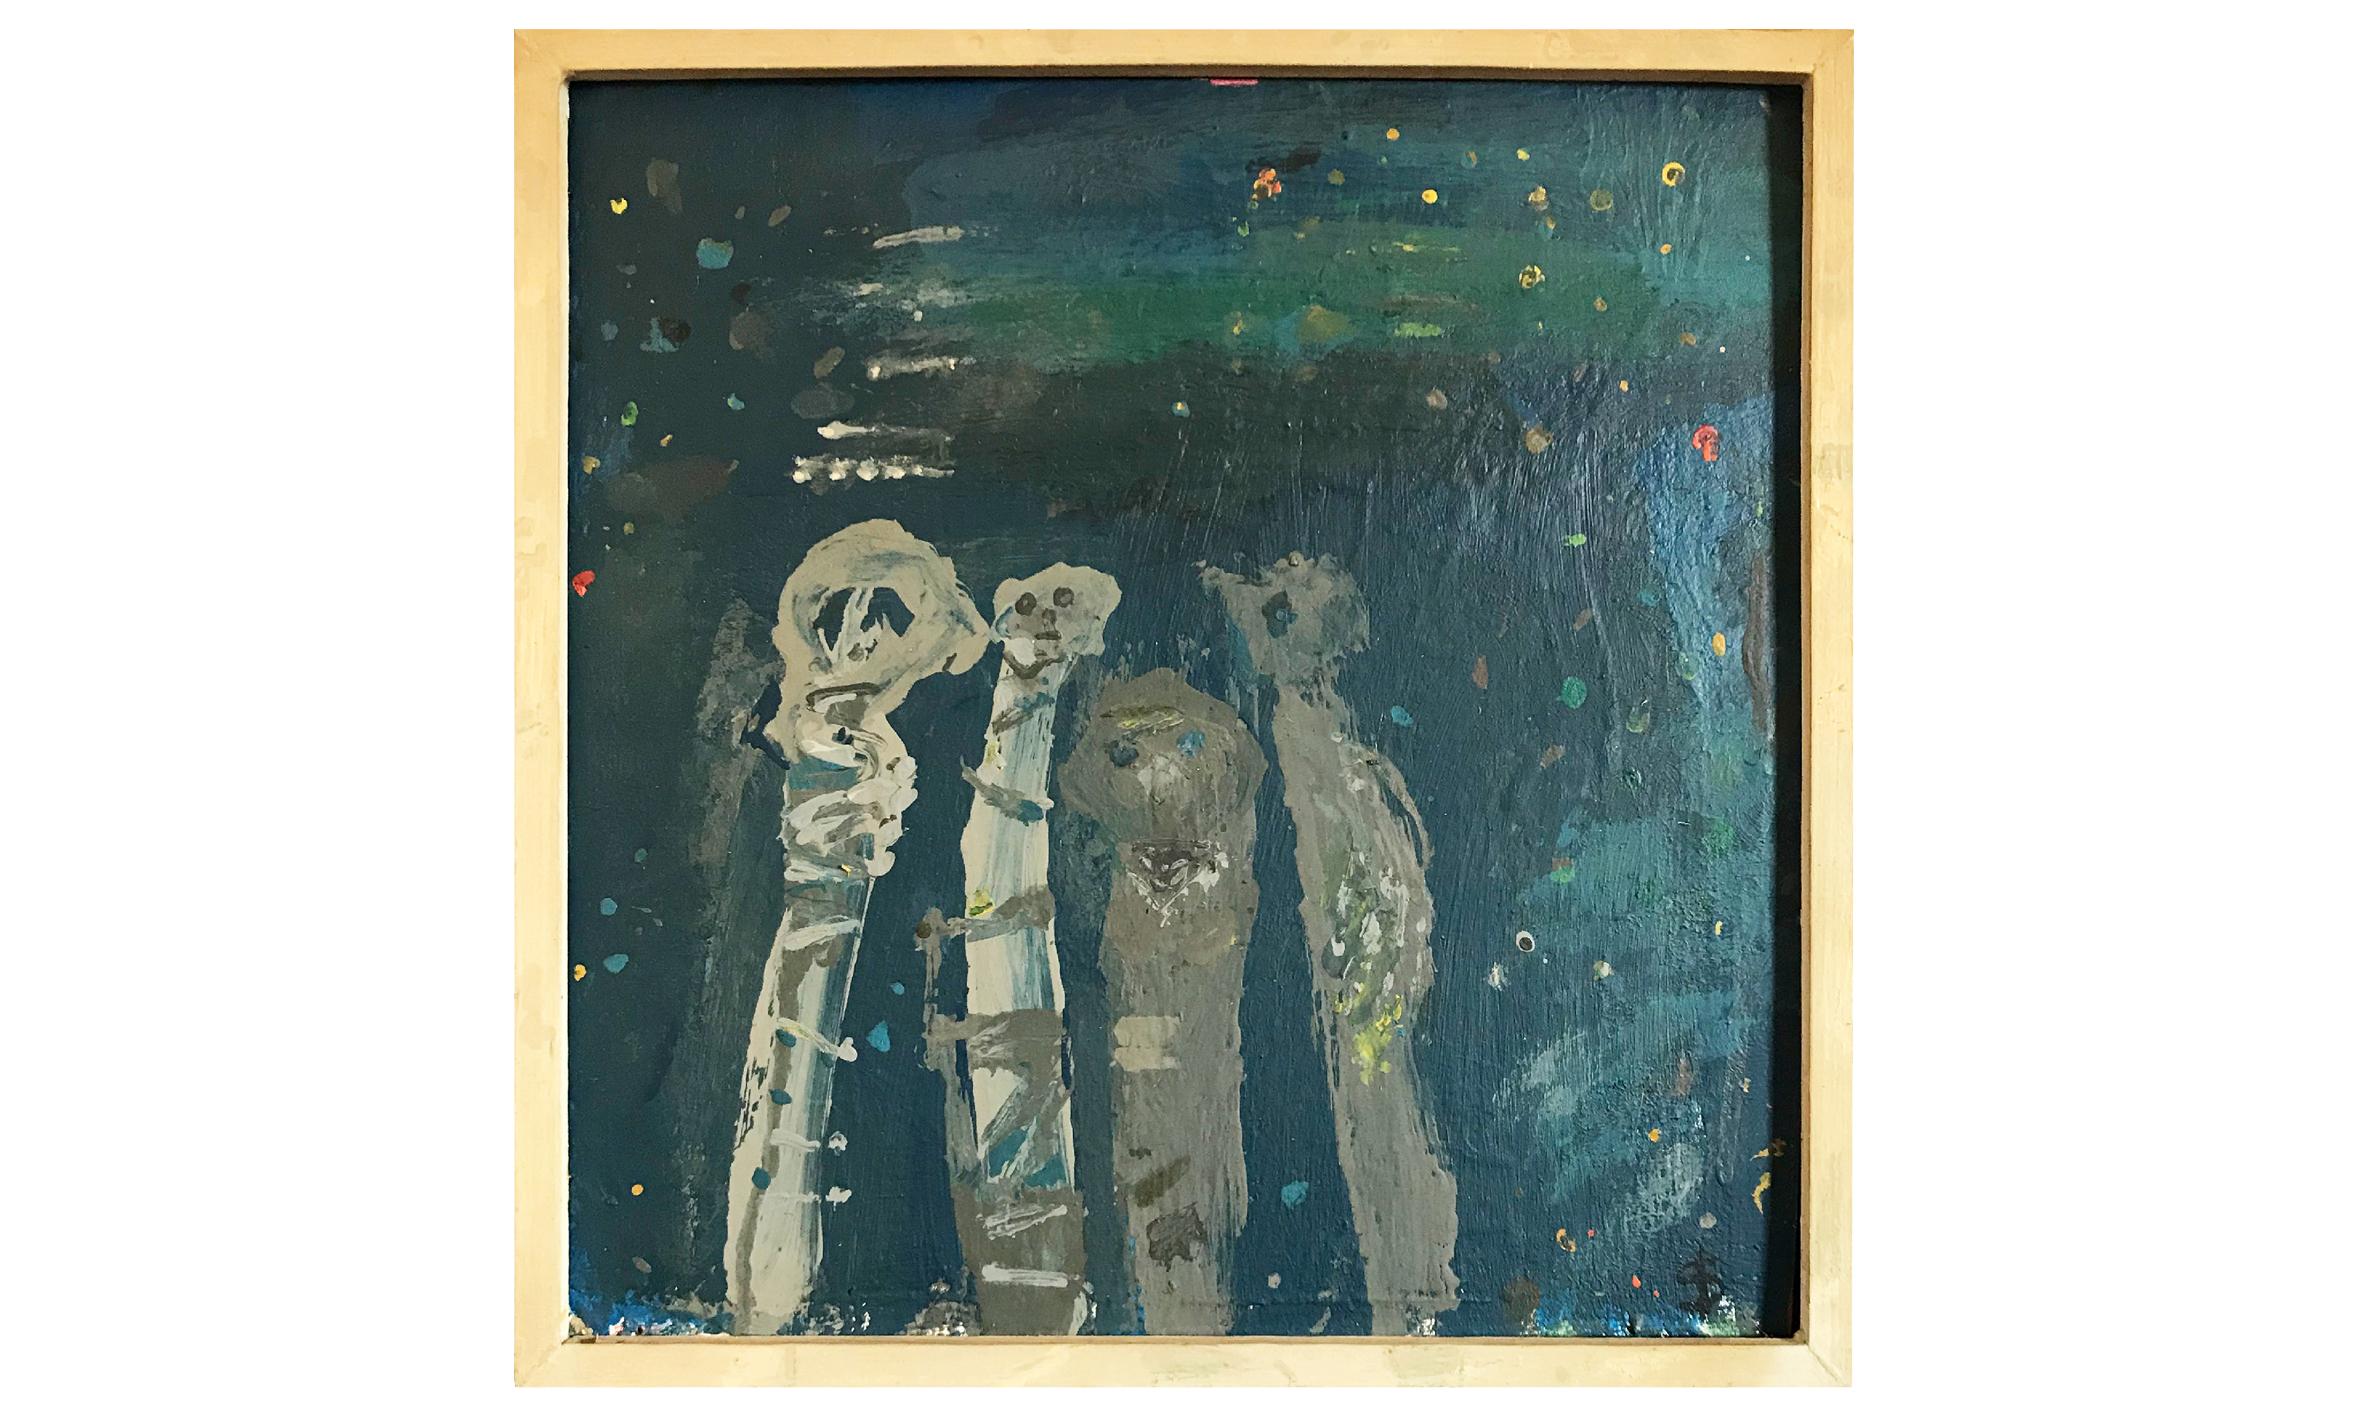 Ohne Titel, 1984, 24 x 24 cm, Dispersion auf Karton, Gerahmt Holzrahmen, CHF 580.–